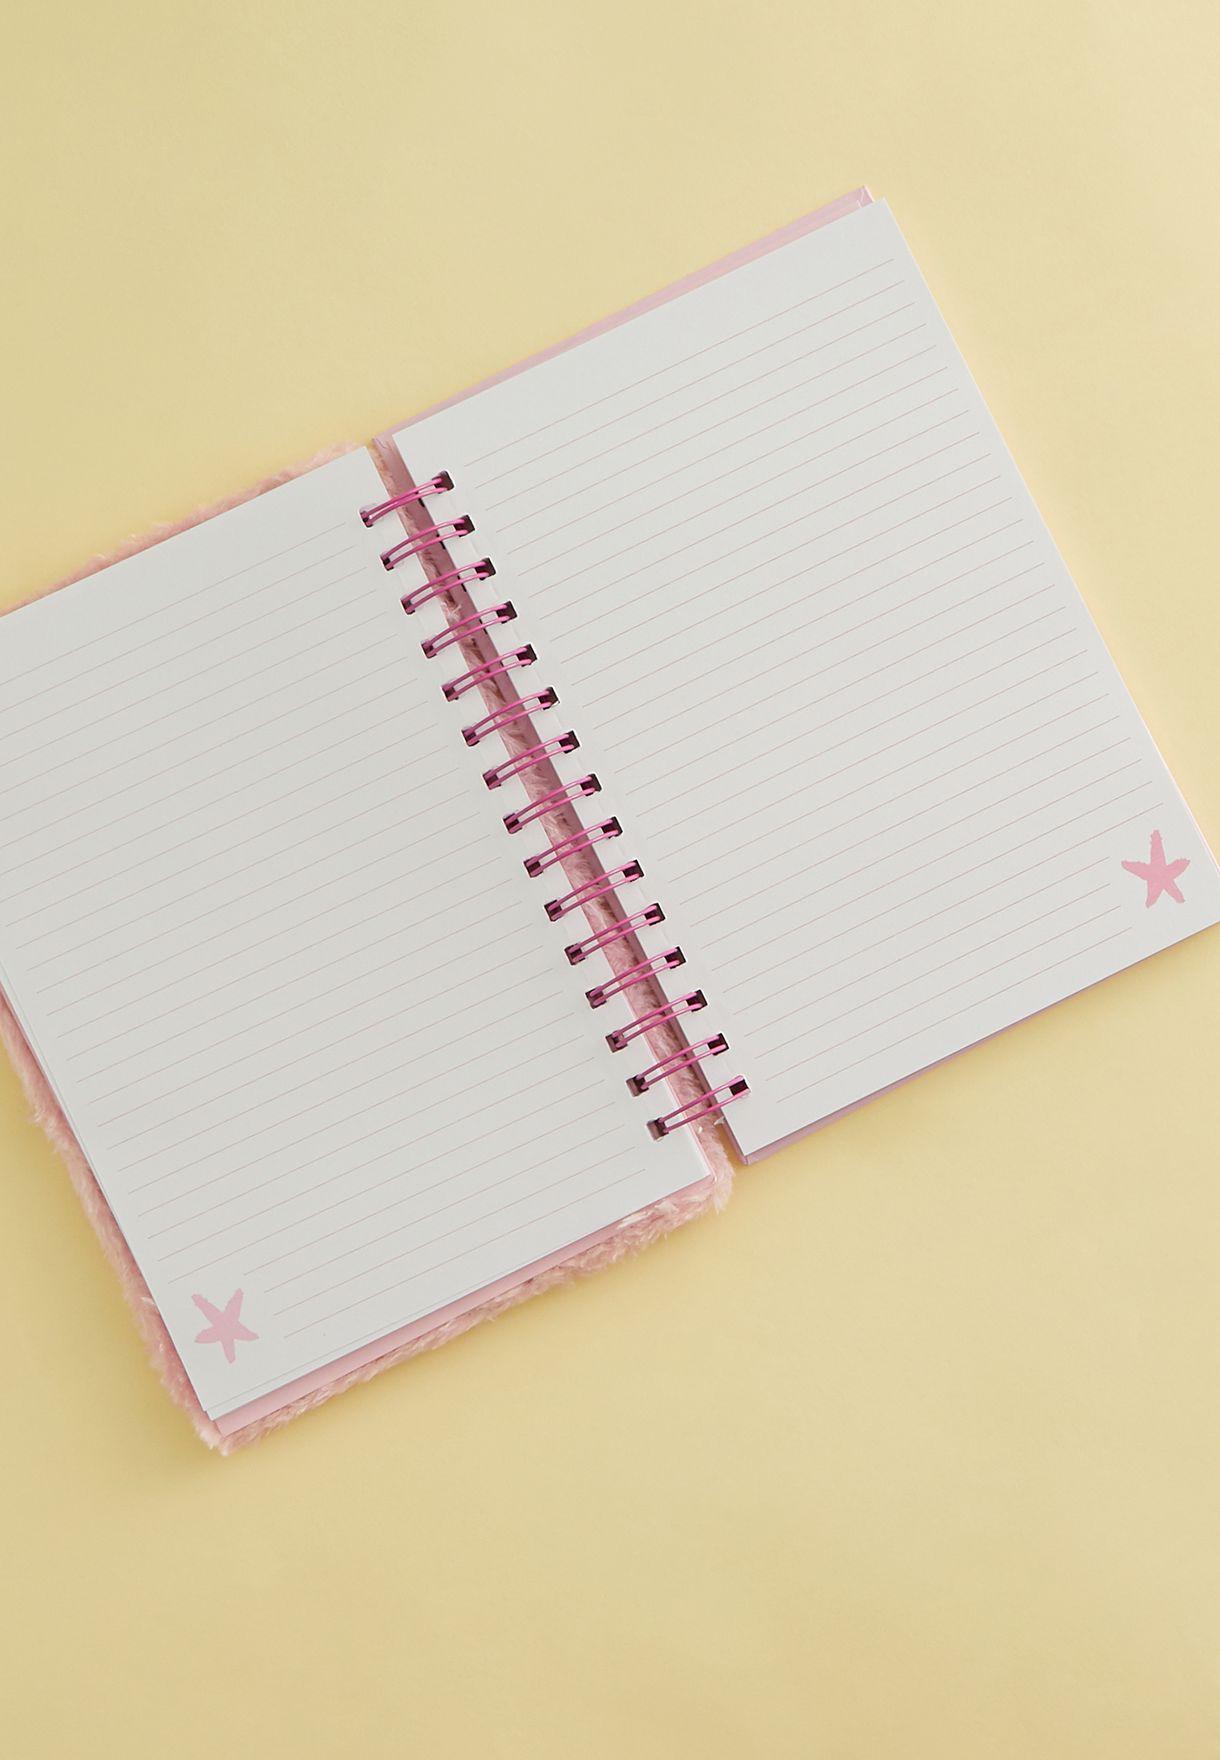 دفتر ملاحظات بطبعة وحيد القرن